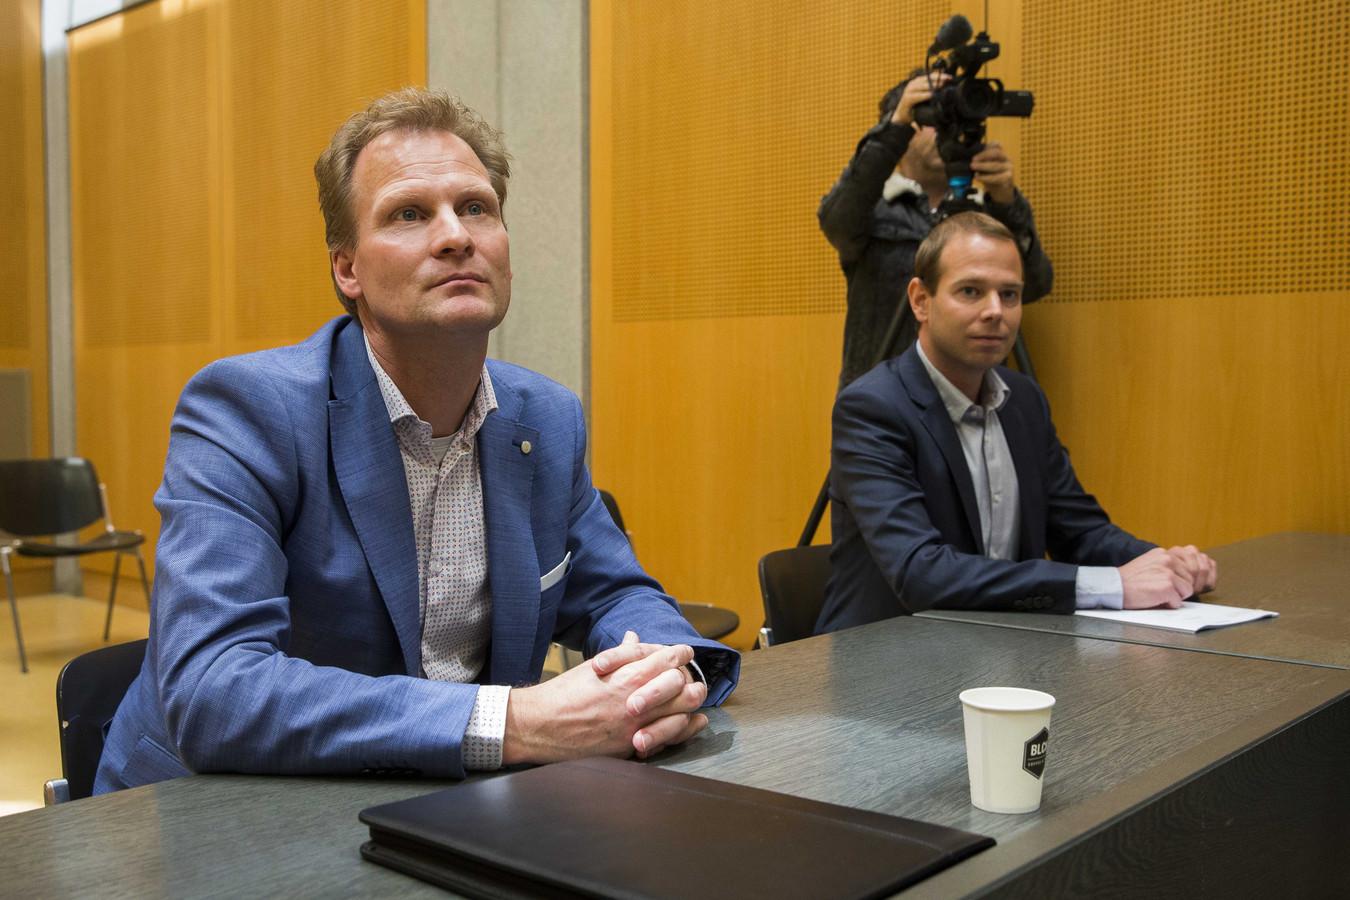 Vitesse-directeur Pascal van Wijk (links) in de rechtszaal tijdens het kort geding over de huur van GelreDome.